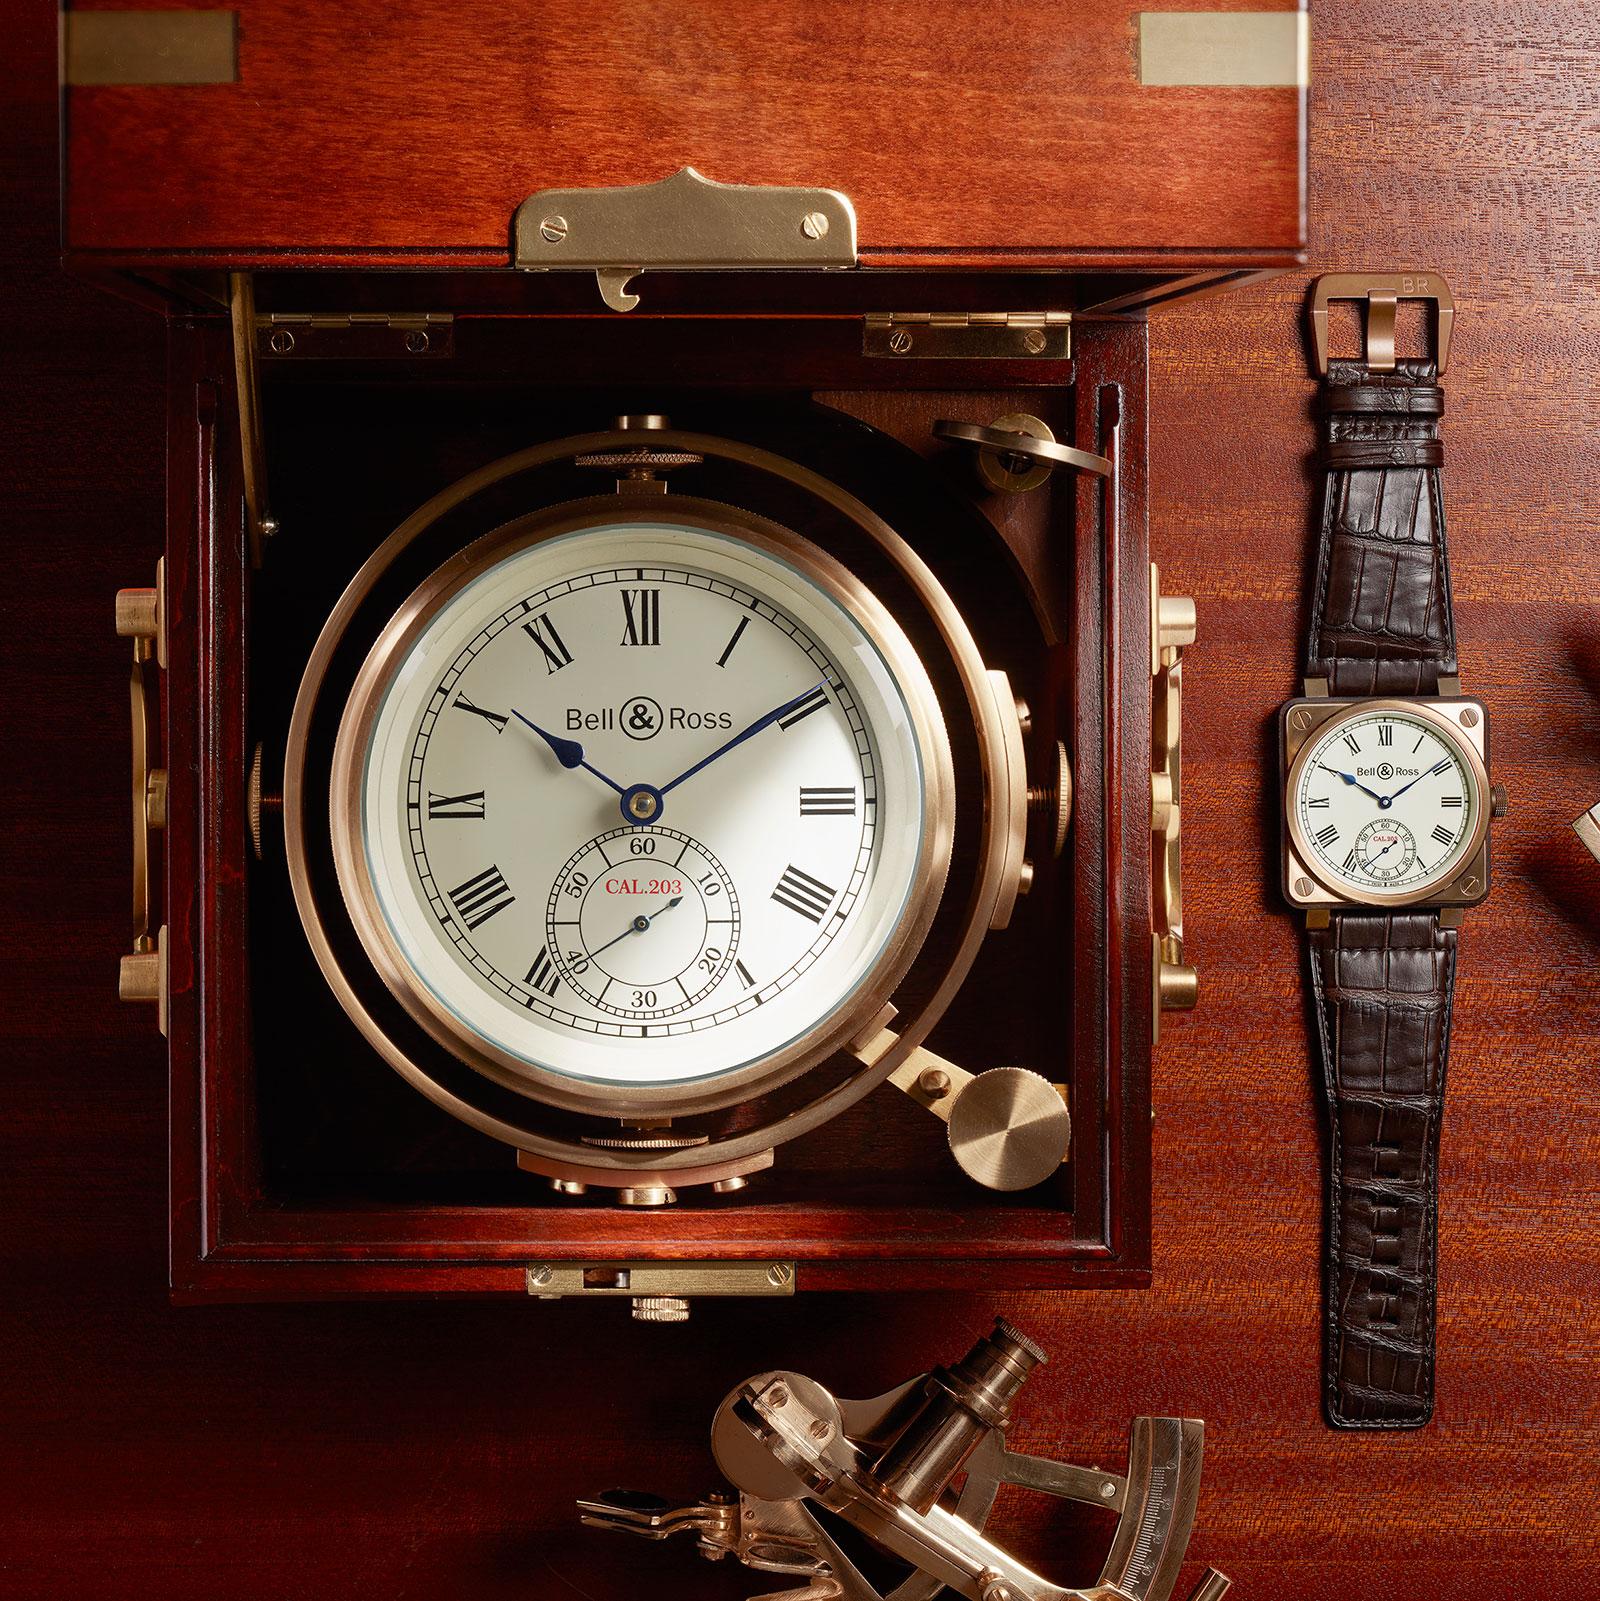 Bell & Ross BR 01 Marine Instrument